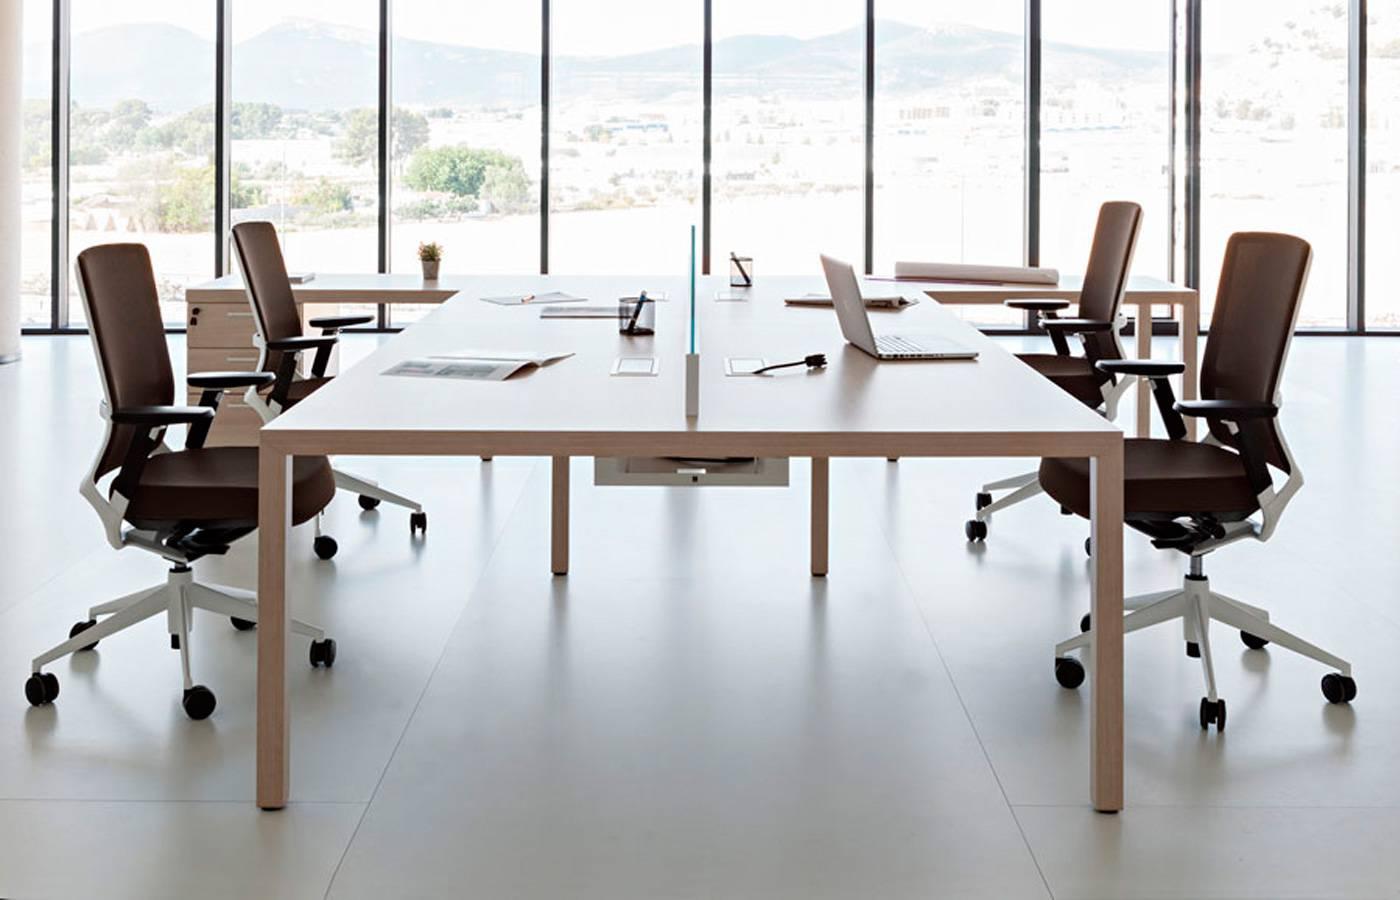 Mesas de reuniones el lugar donde se generan las ideas for Mesas para oficina precios